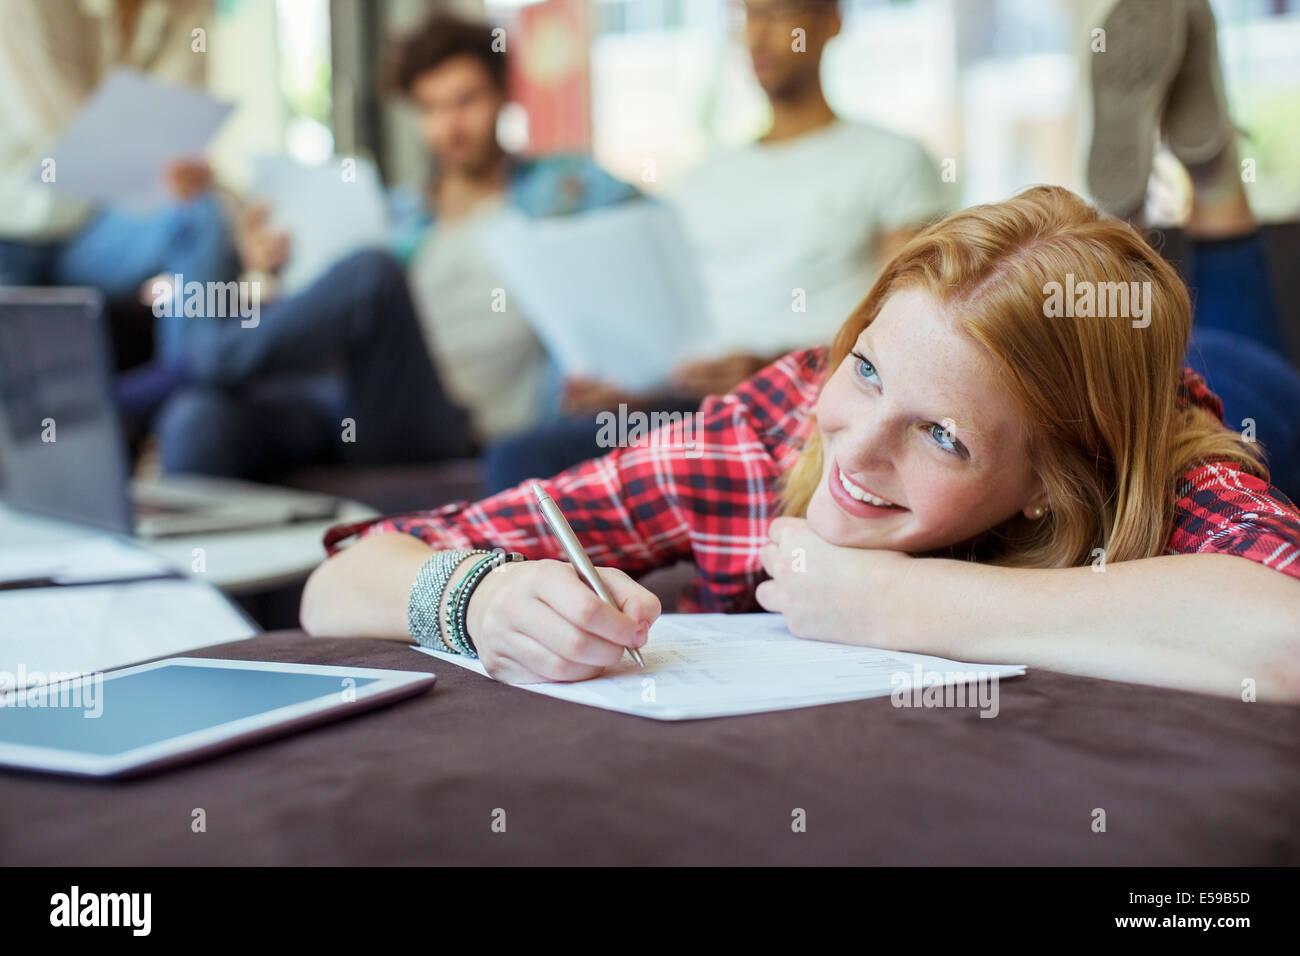 Frau im Büro schreiben Stockbild